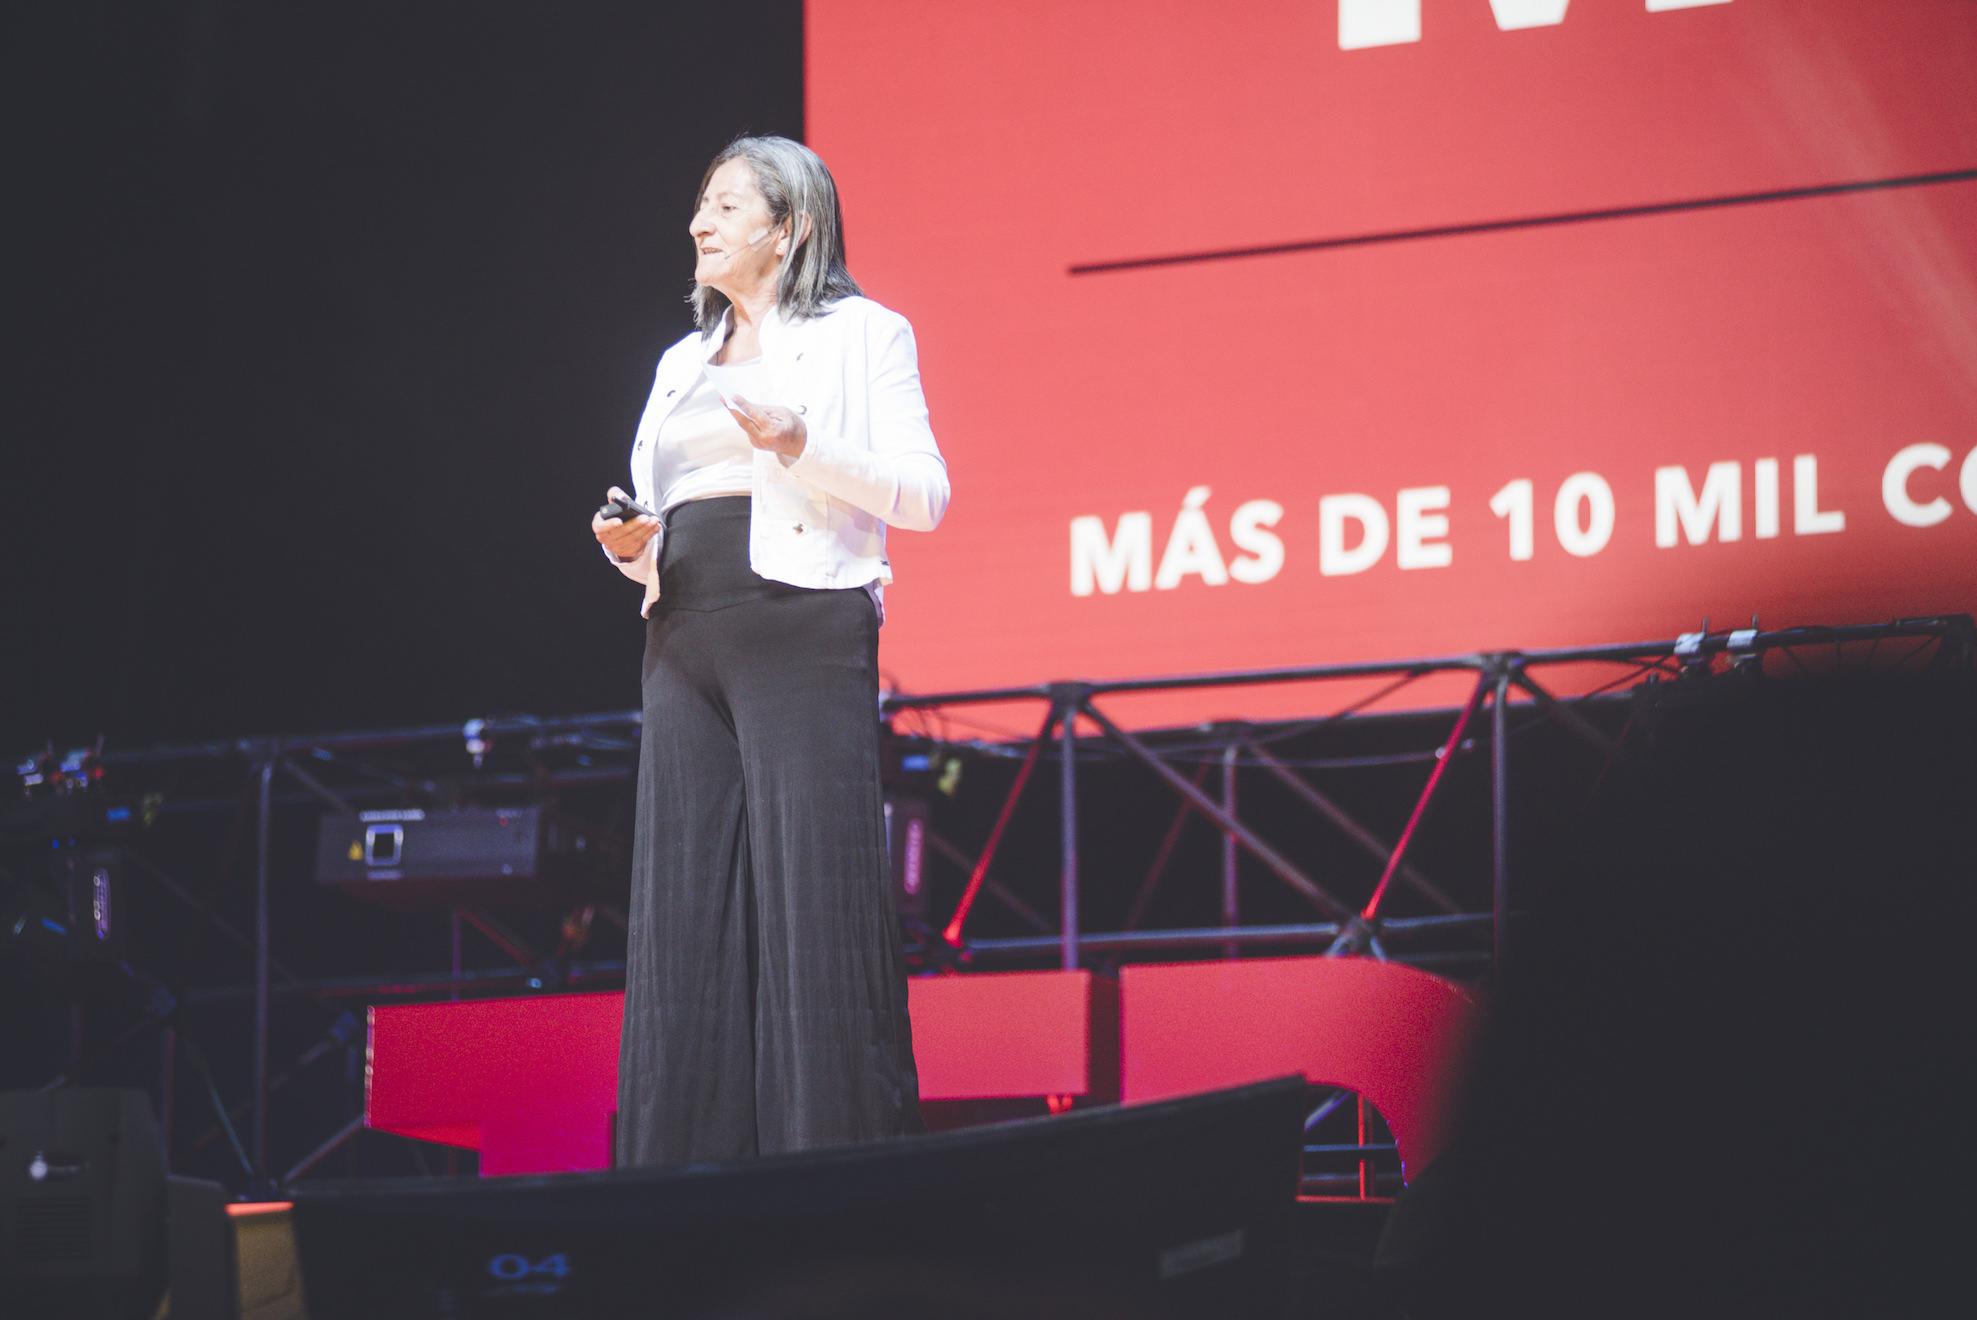 Fotografía - Juan Felipe Rubio